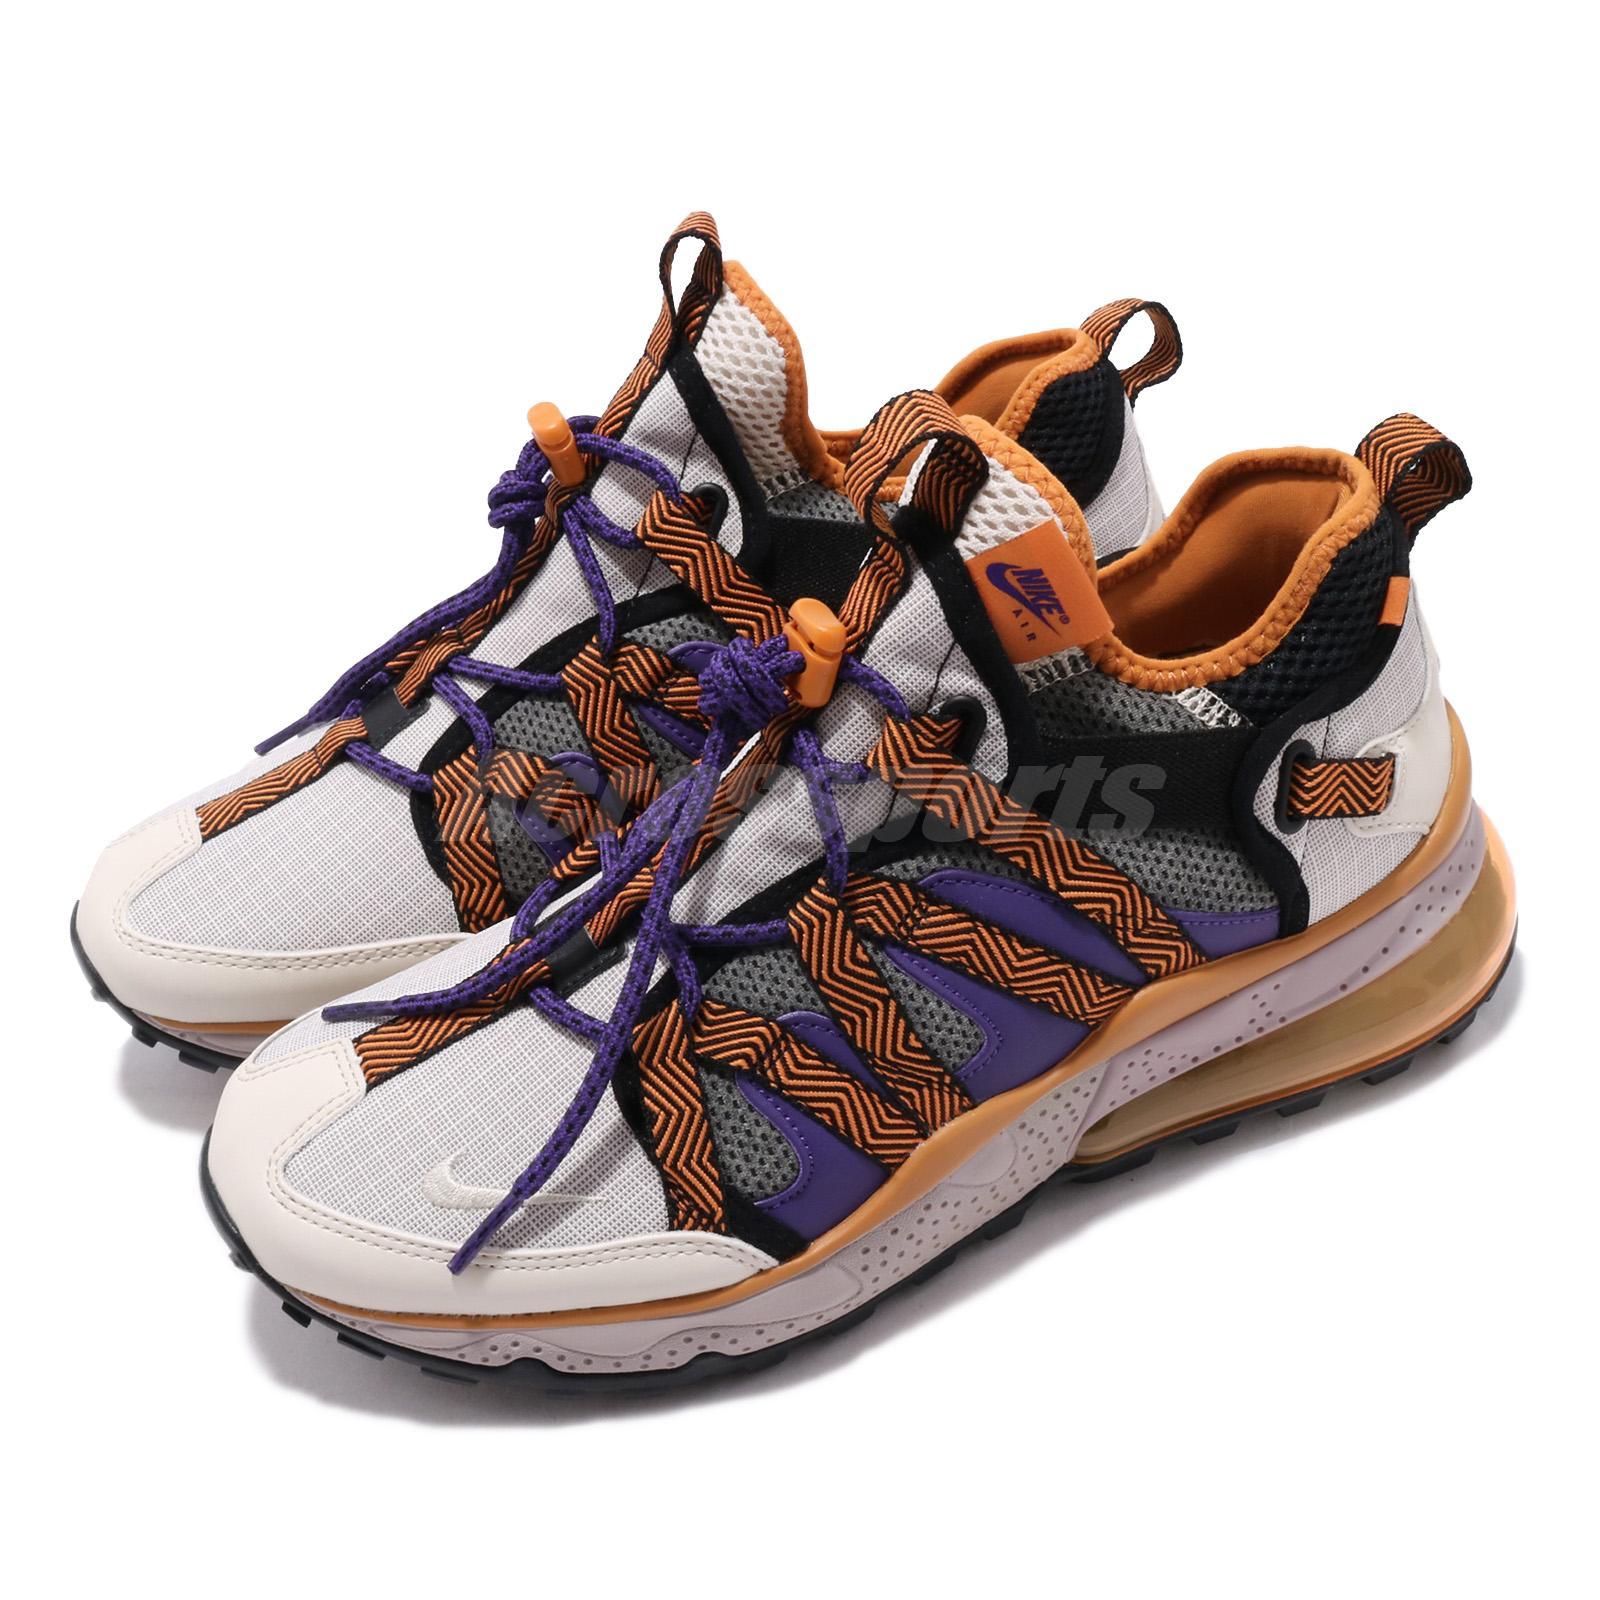 wholesale dealer 74d93 6a837 Details about Nike Air Max 270 Bowfin Mowabb Beige Orange Purple Men  Outdoors Shoes AJ7200-201